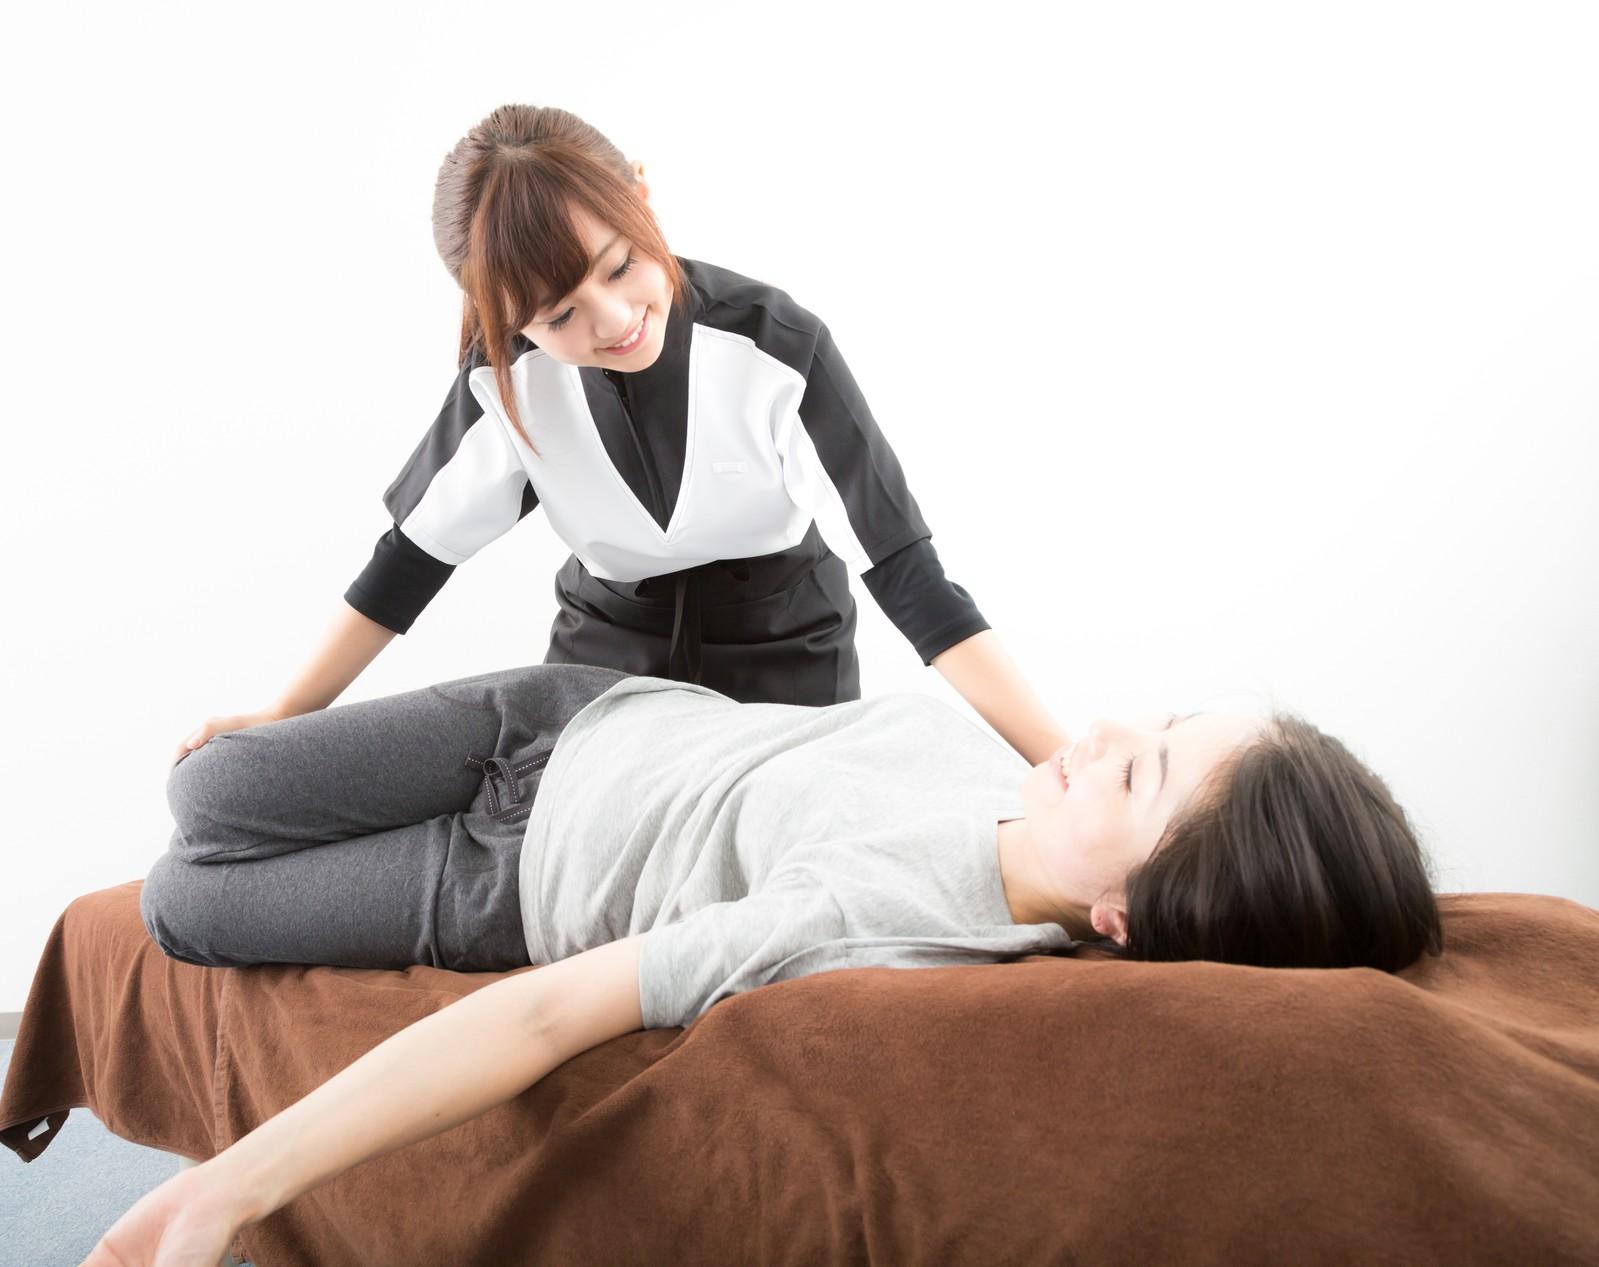 怪我を防ぐためのストレッチ方法~効果のあるストレッチとは?~